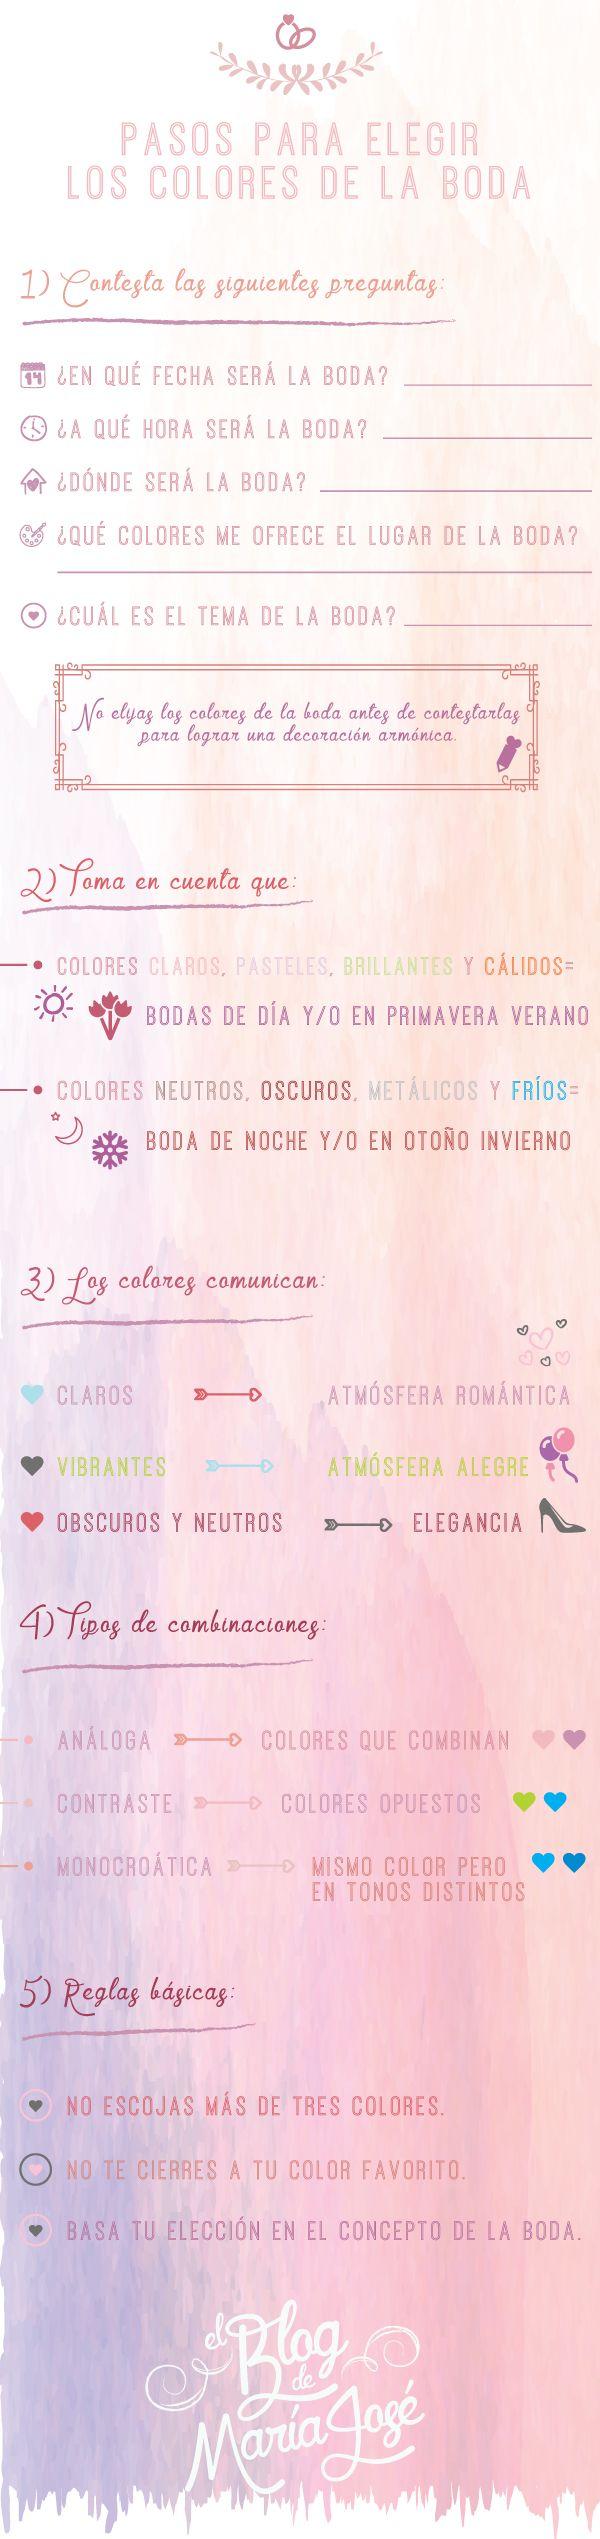 Pasos para elegir los colores de la boda